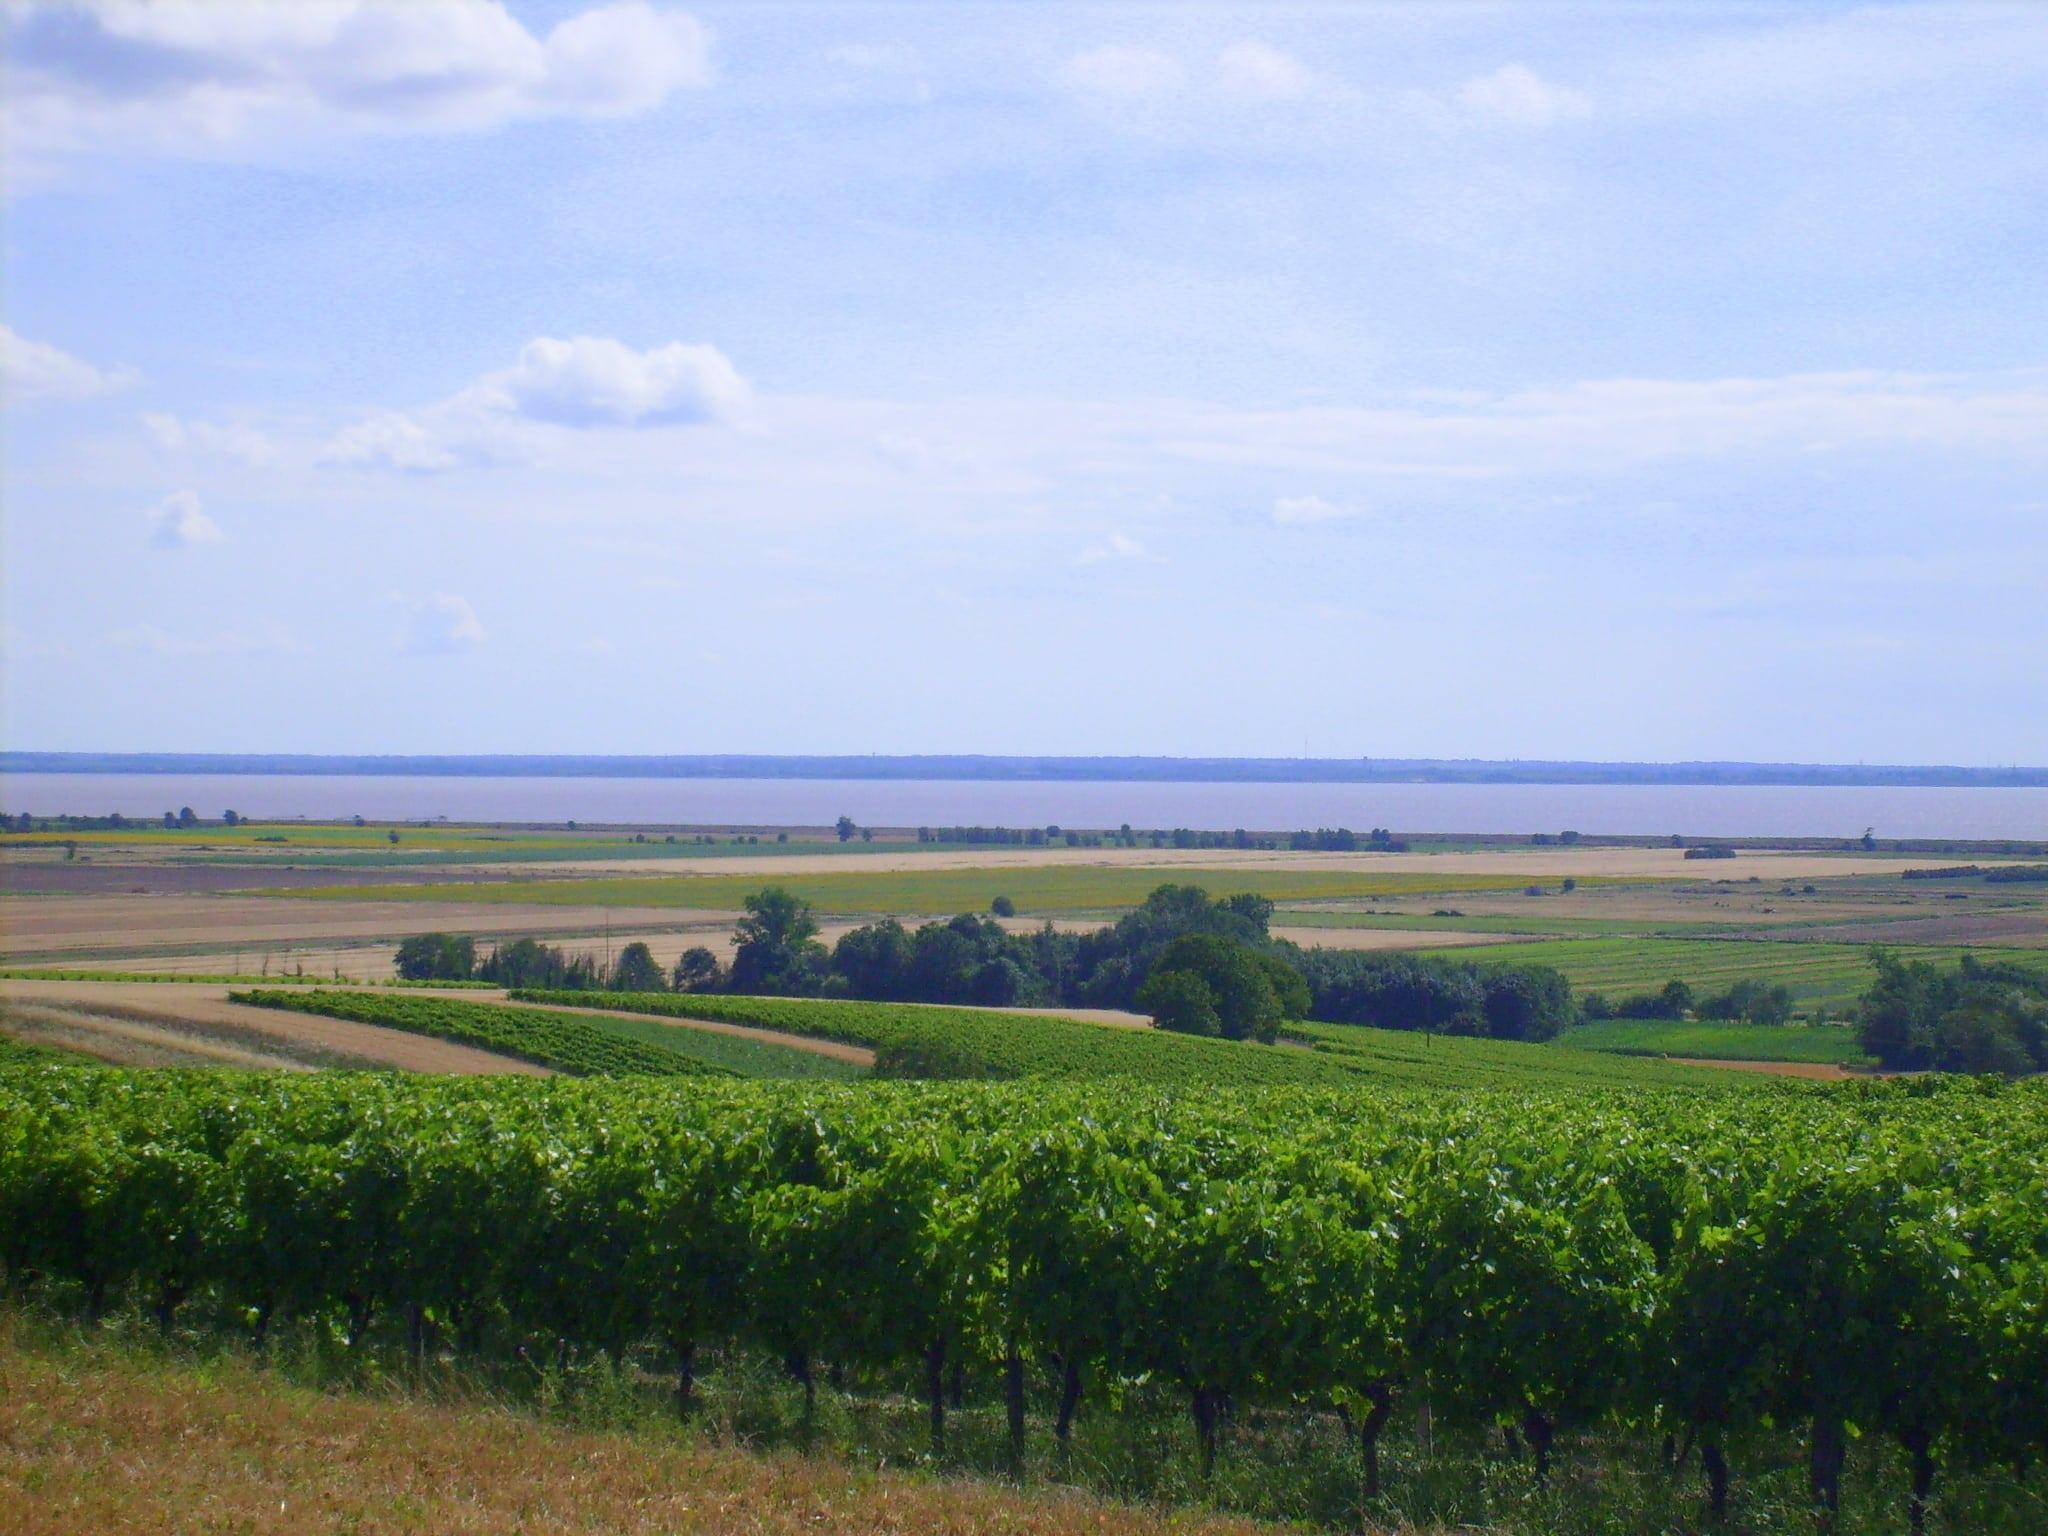 La_Gironde_à_Saint-Bonnet-sur-Gironde